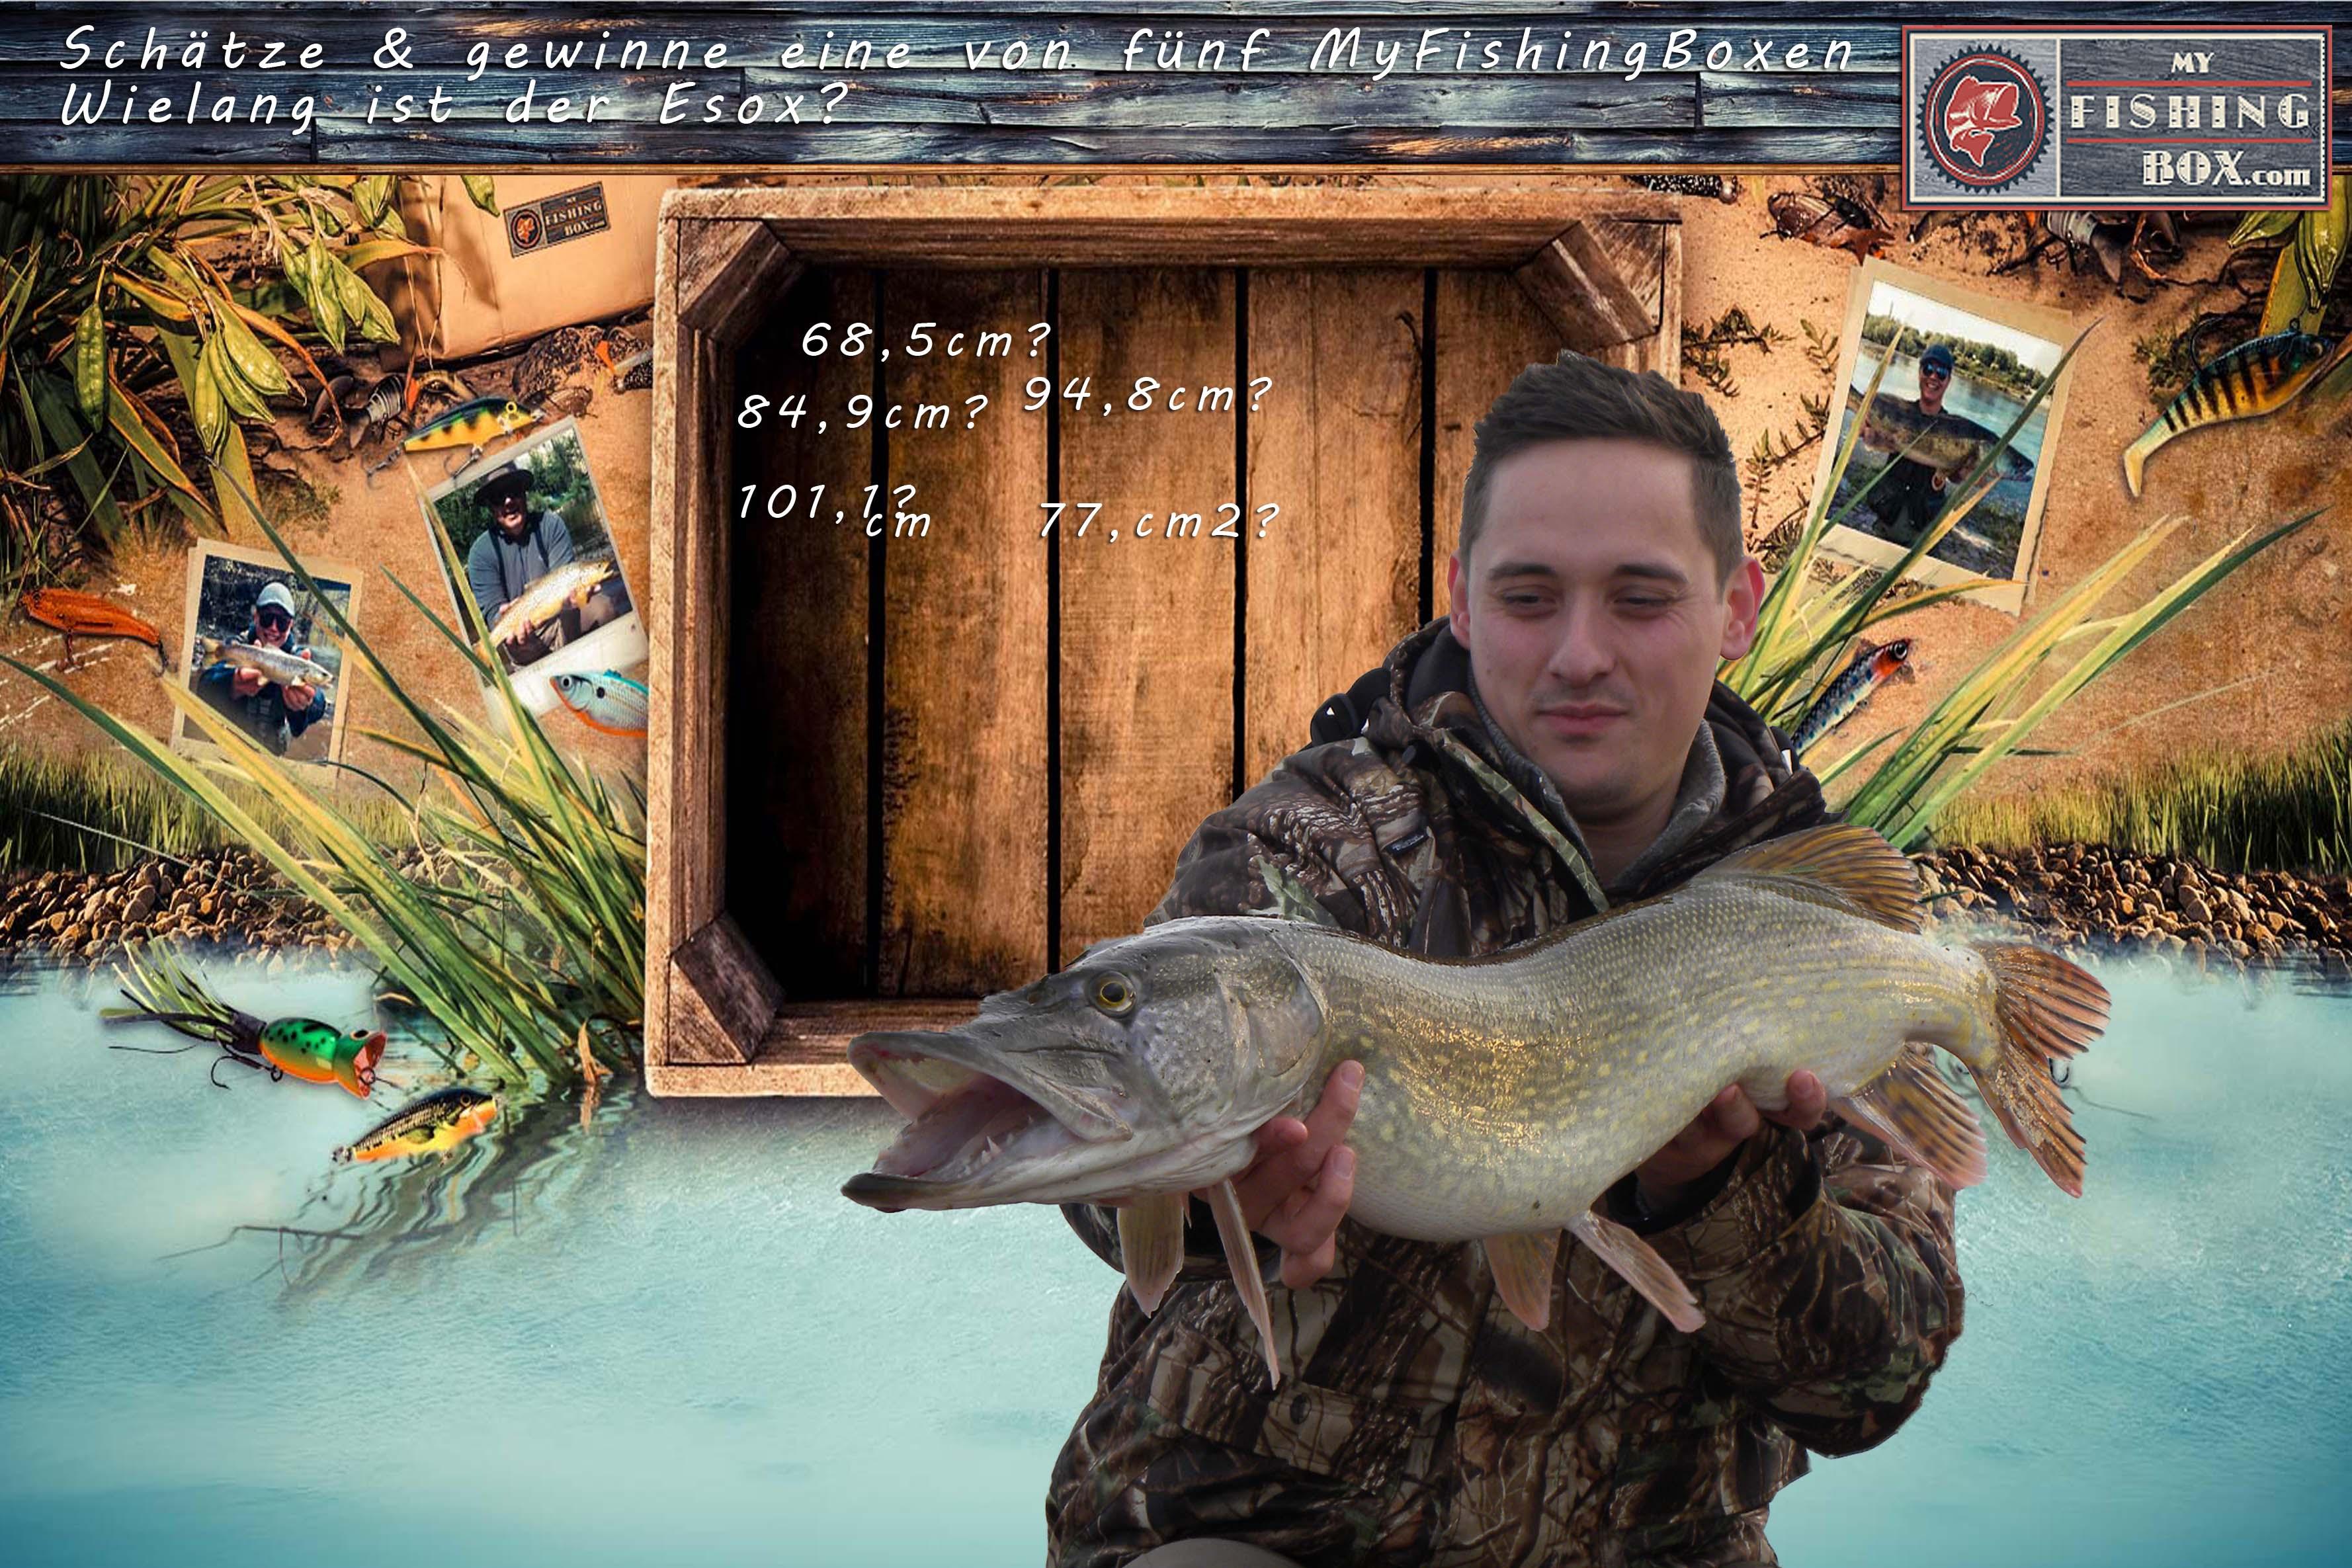 My Fishing Box Gewinnspiel - Schätzt die Länge von dem Hecht